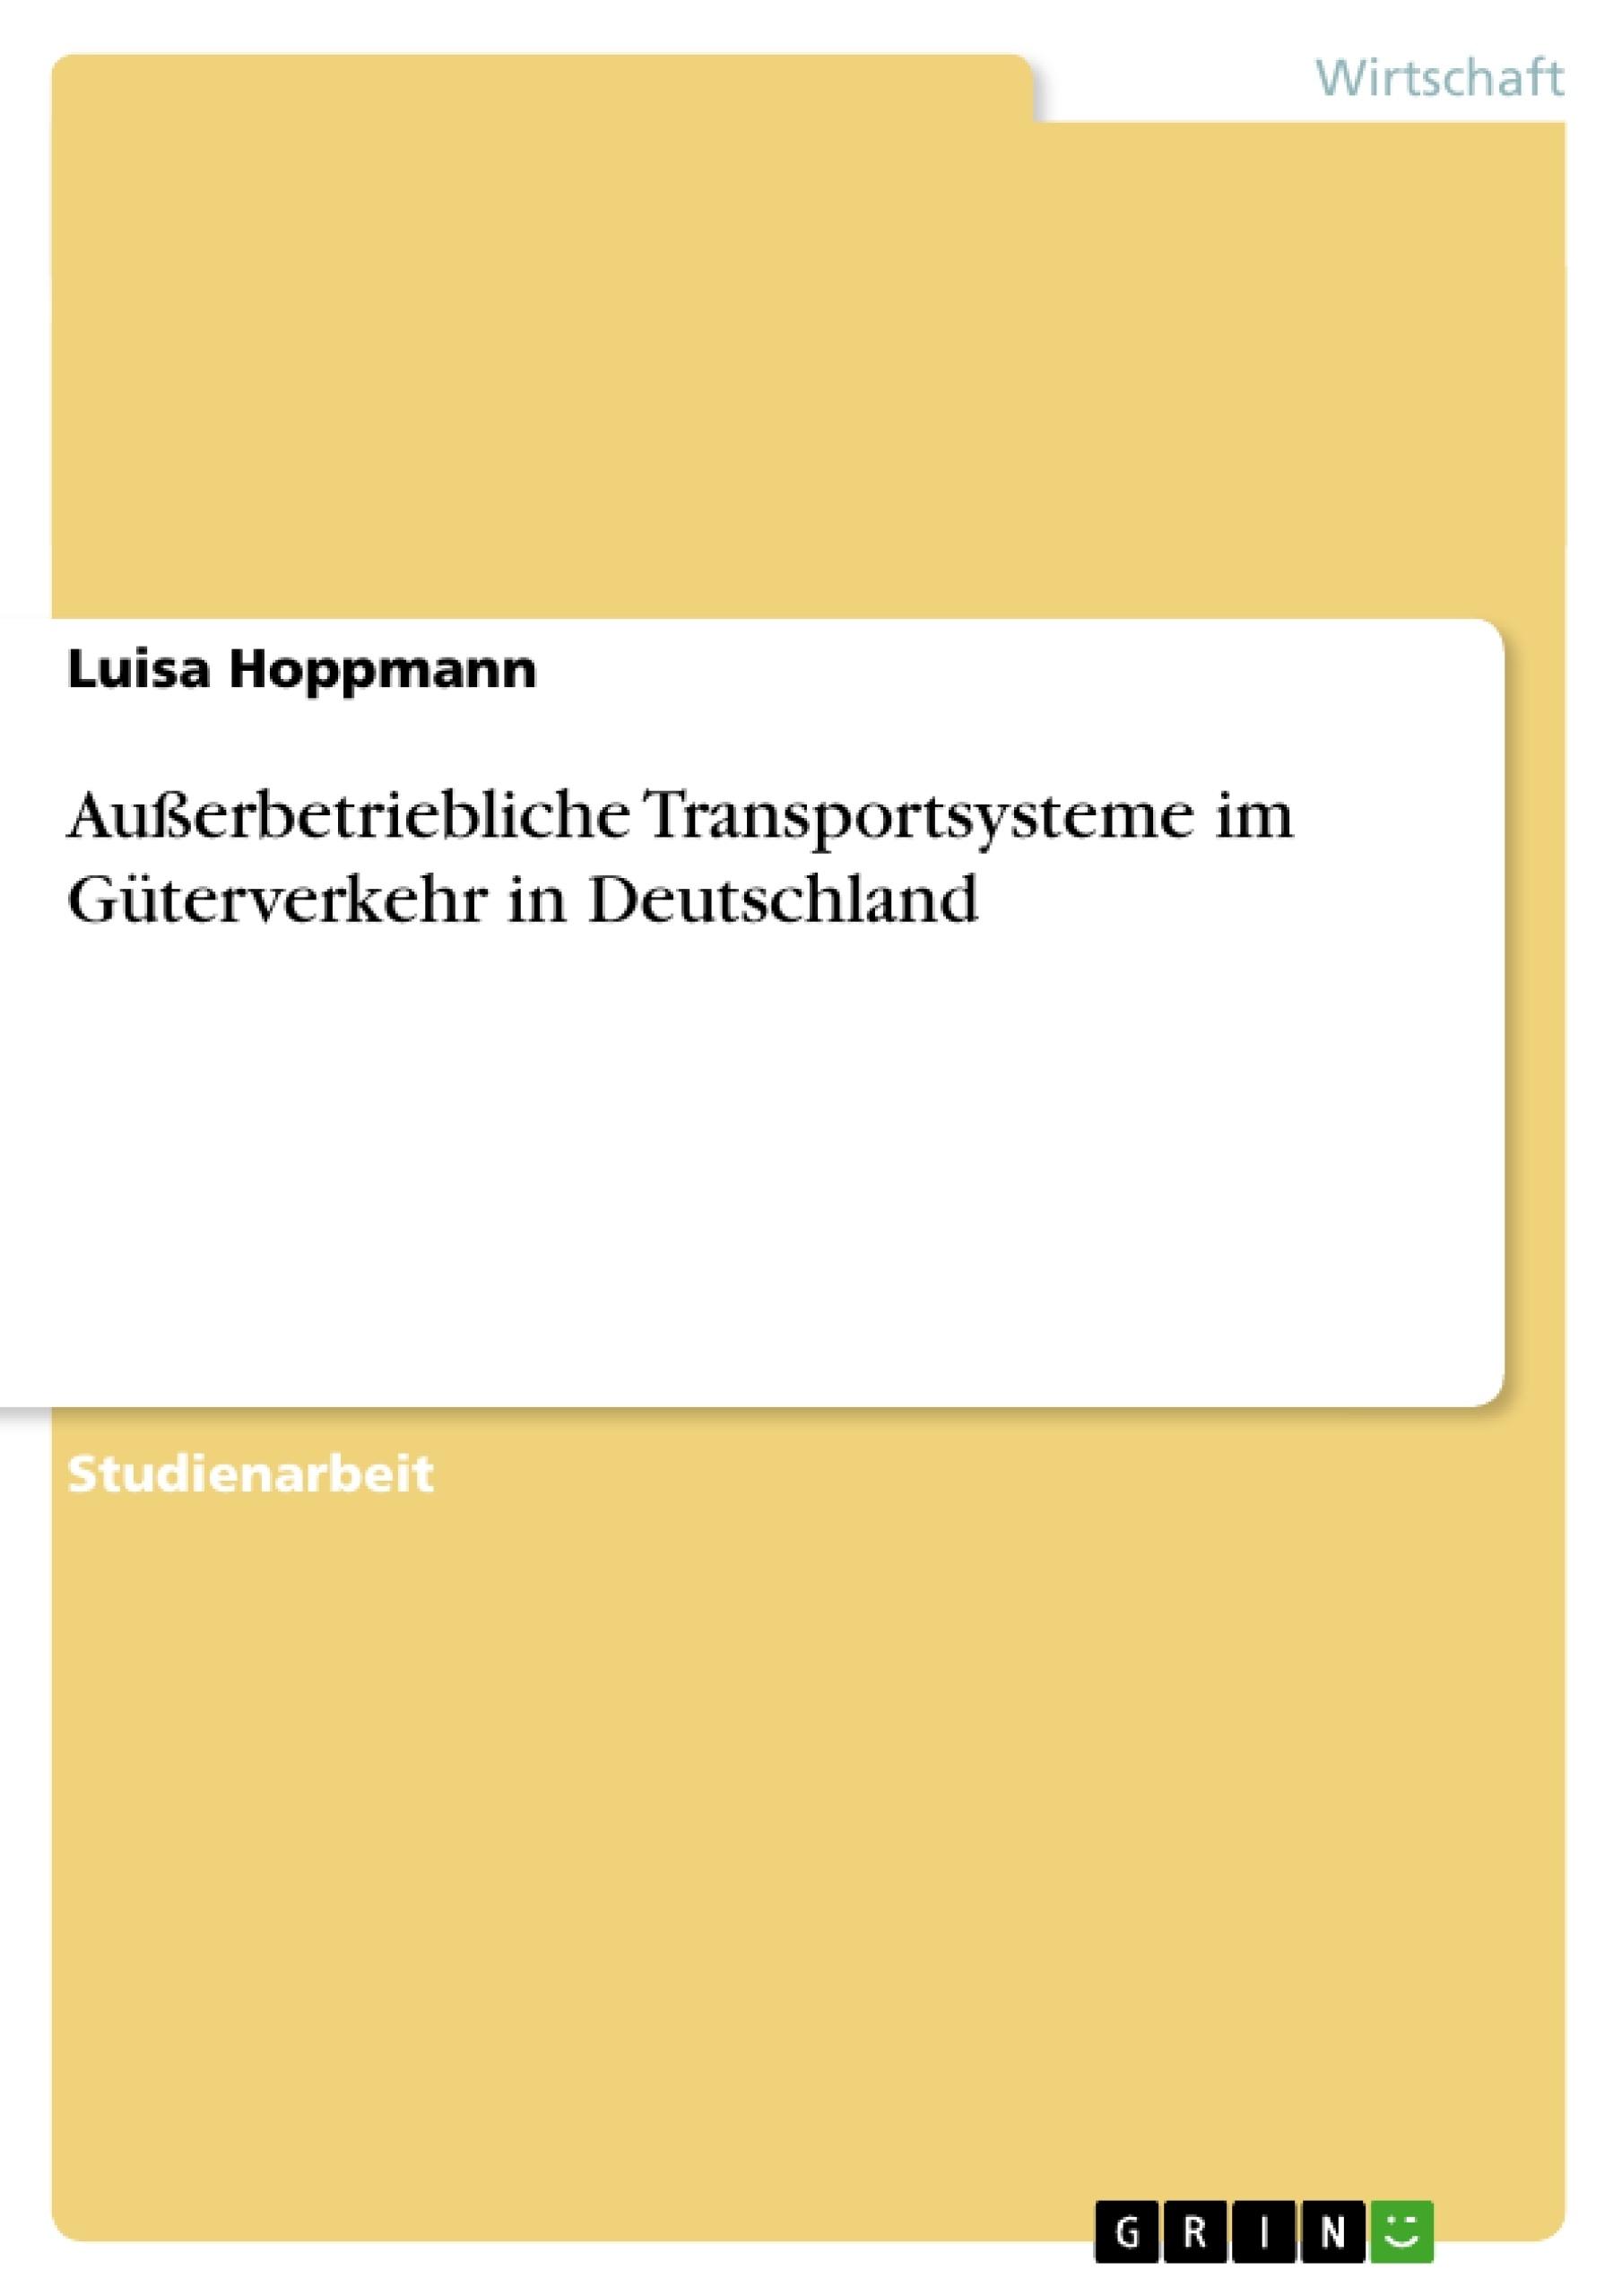 Titel: Außerbetriebliche Transportsysteme im Güterverkehr in Deutschland